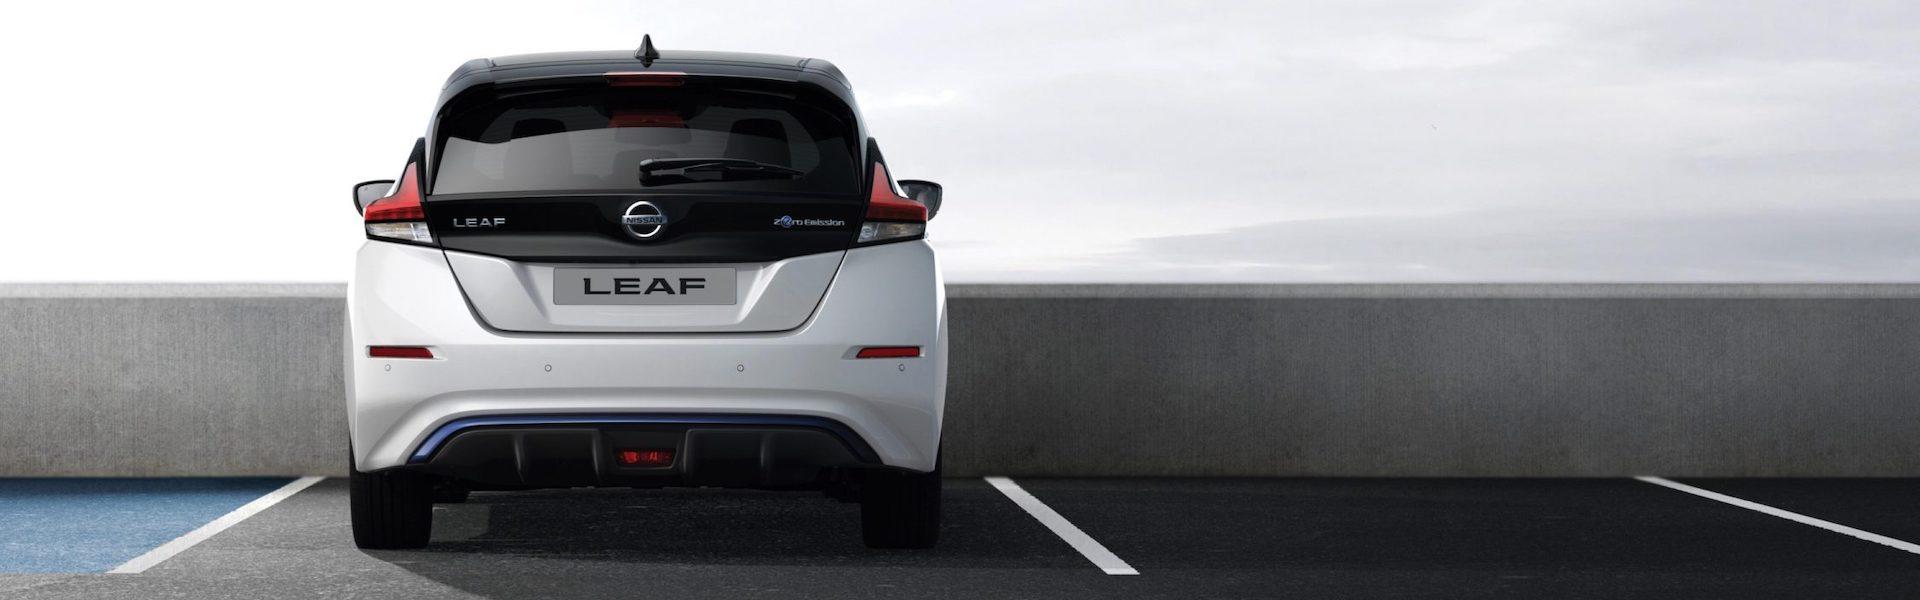 Nissan Leaf em Almada